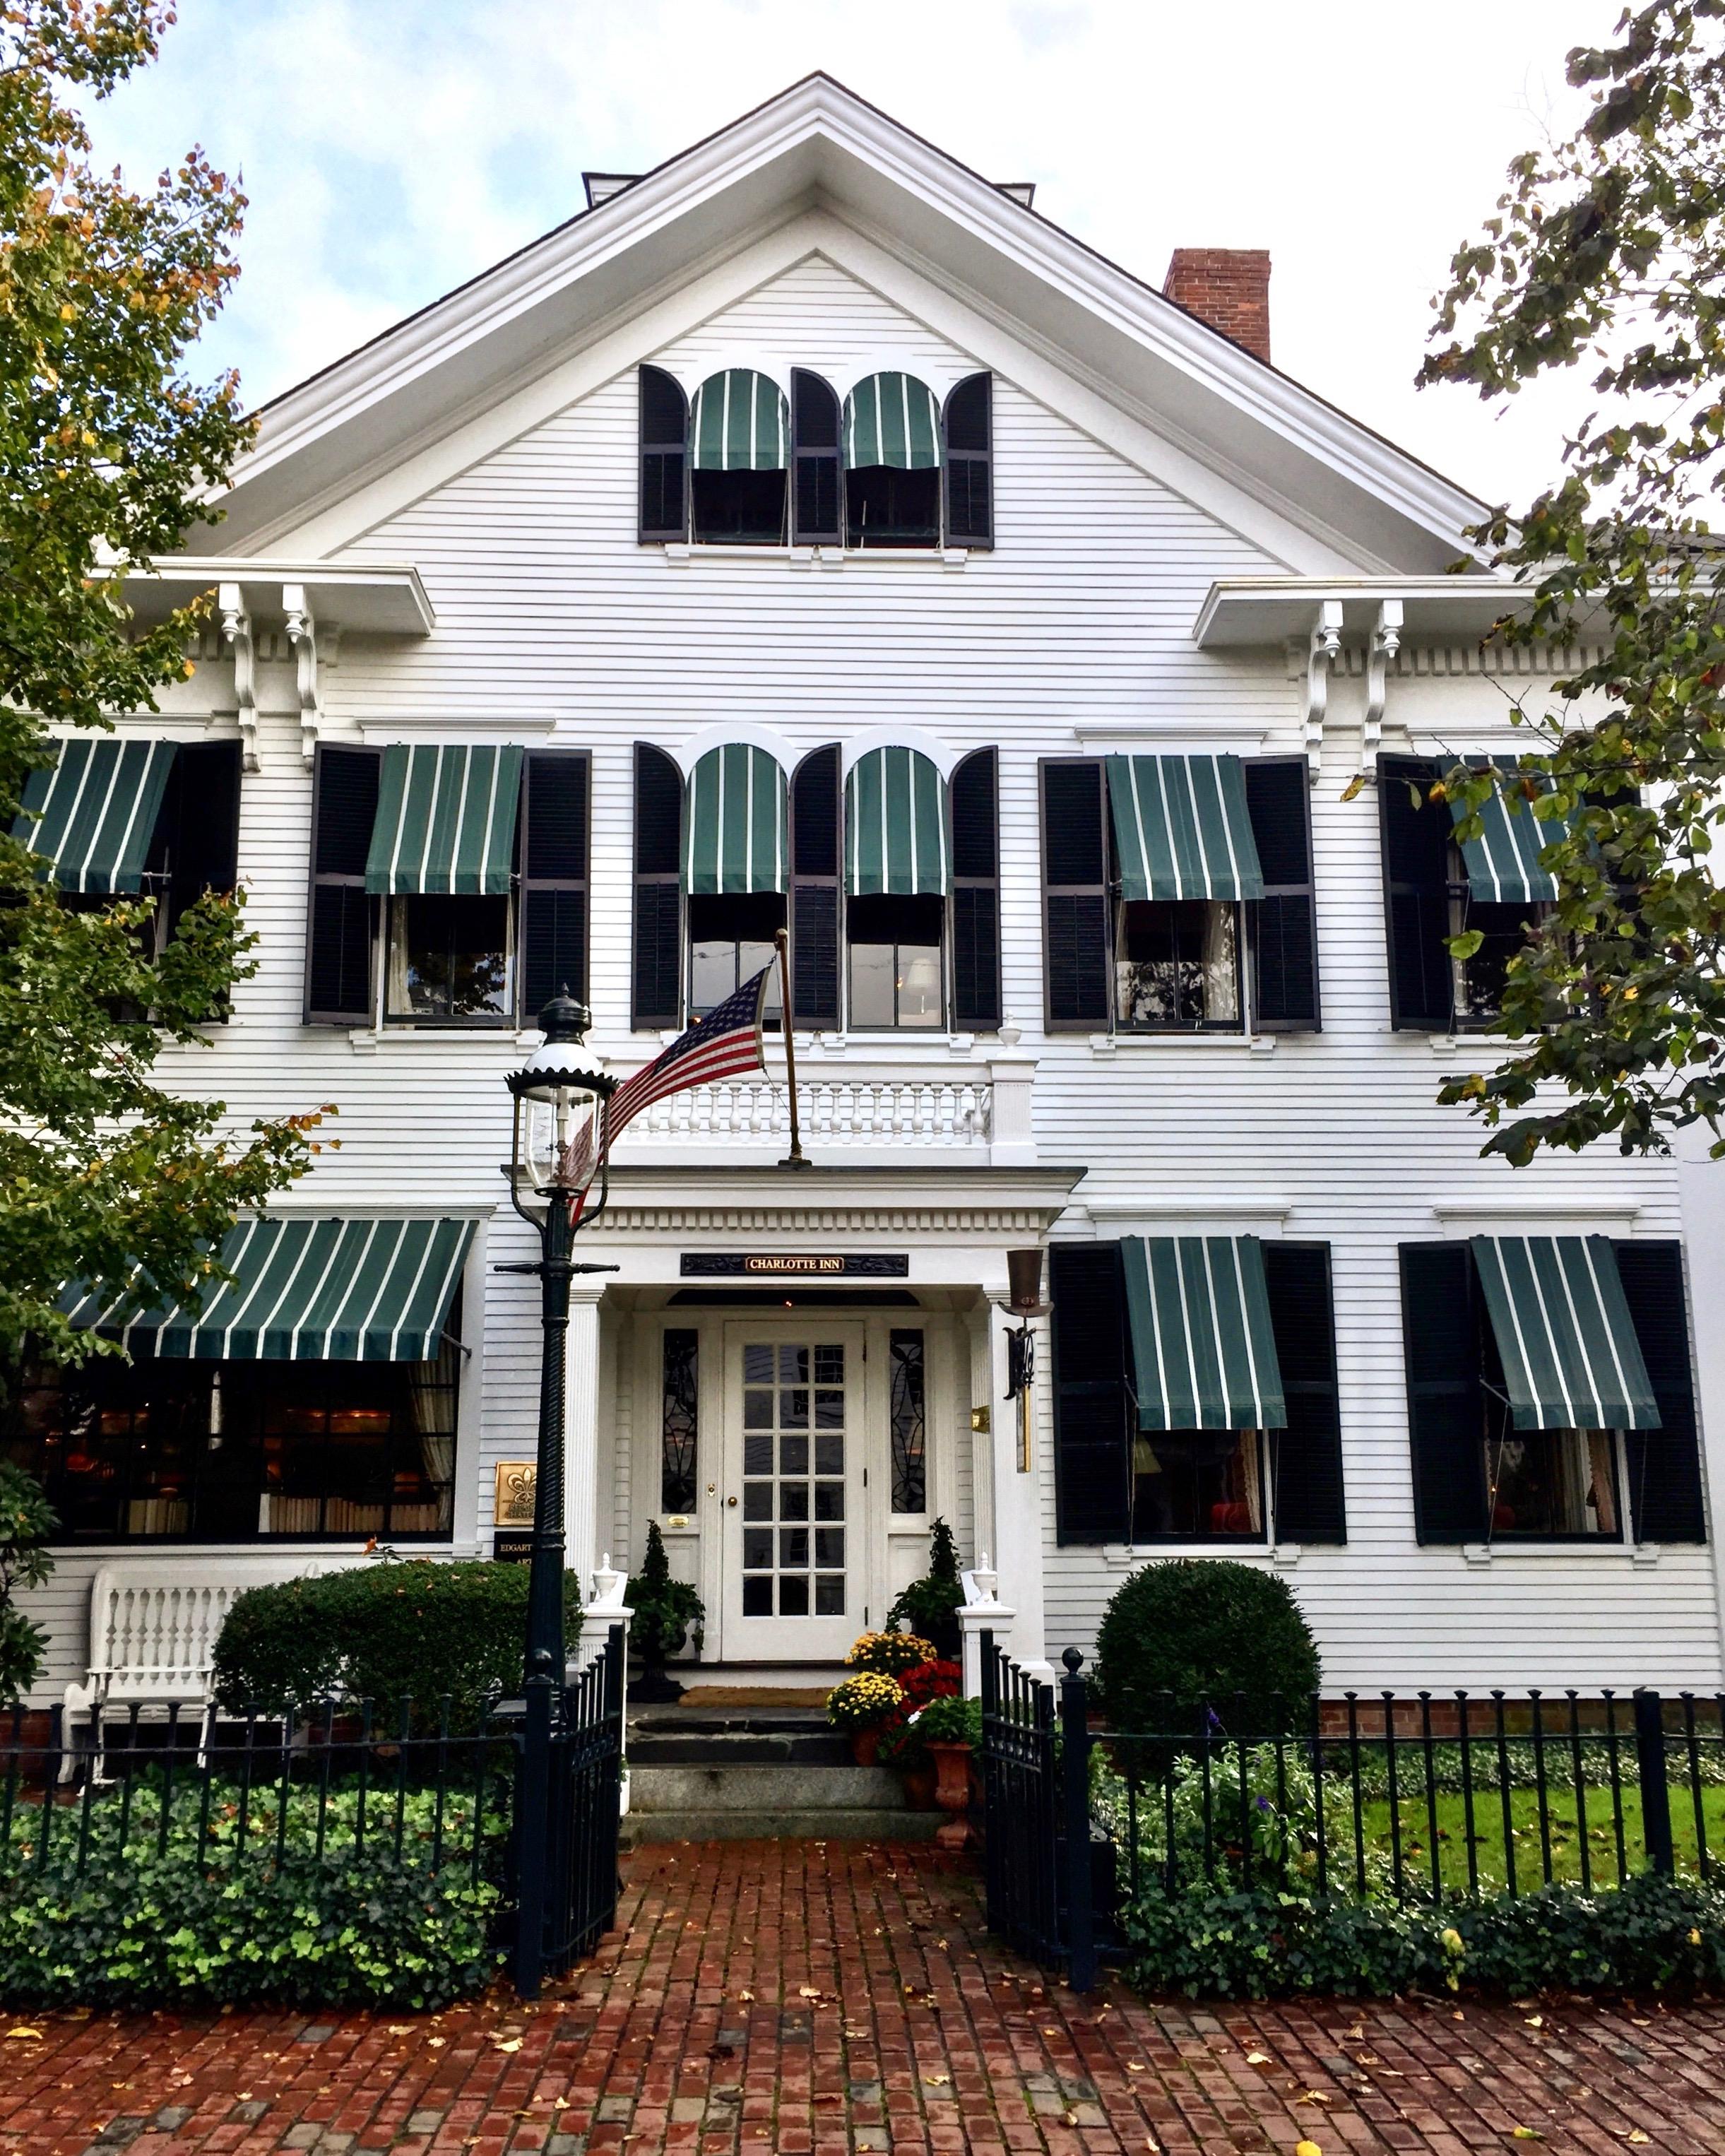 The Charlotte Inn - Photo Linda Davis